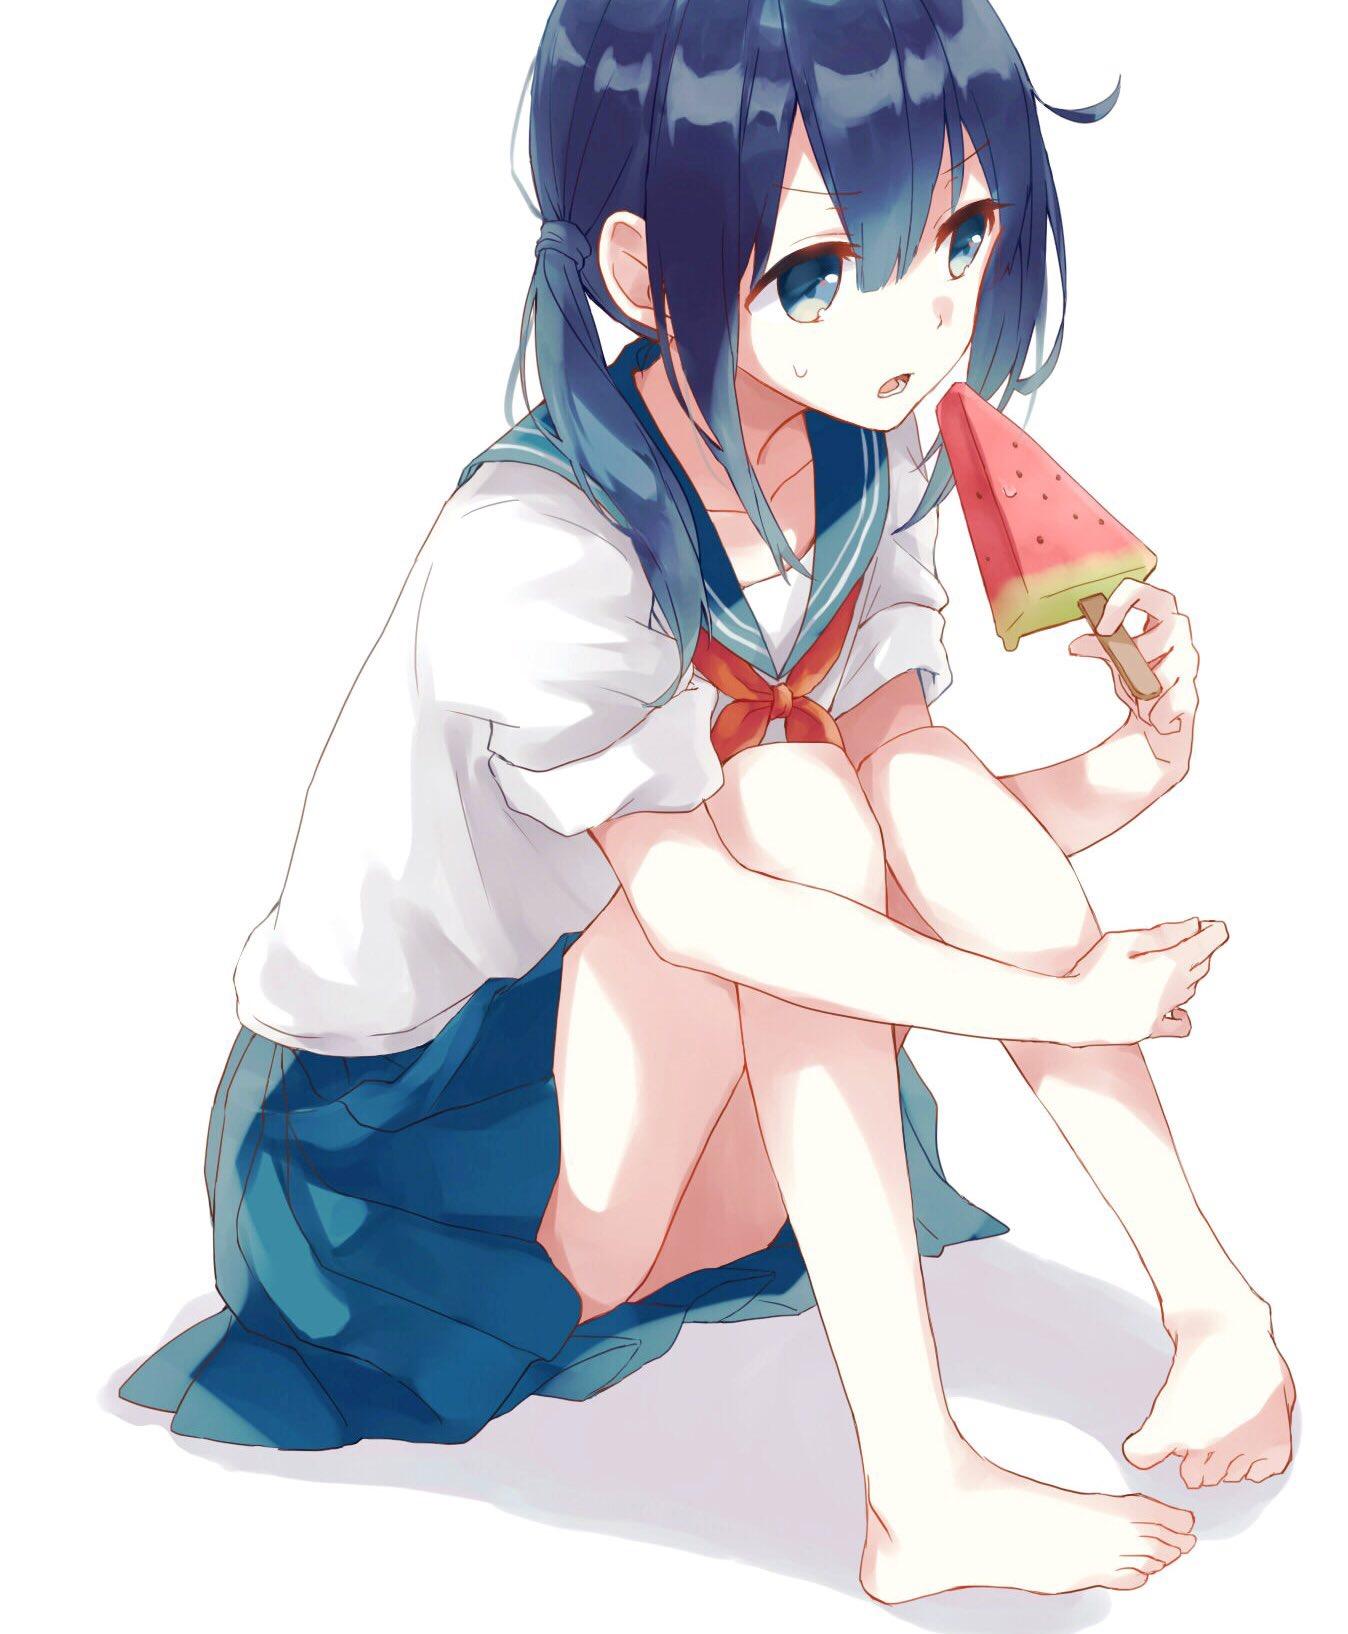 id=58049957,日本西瓜,吃西瓜少女,动漫女生图片